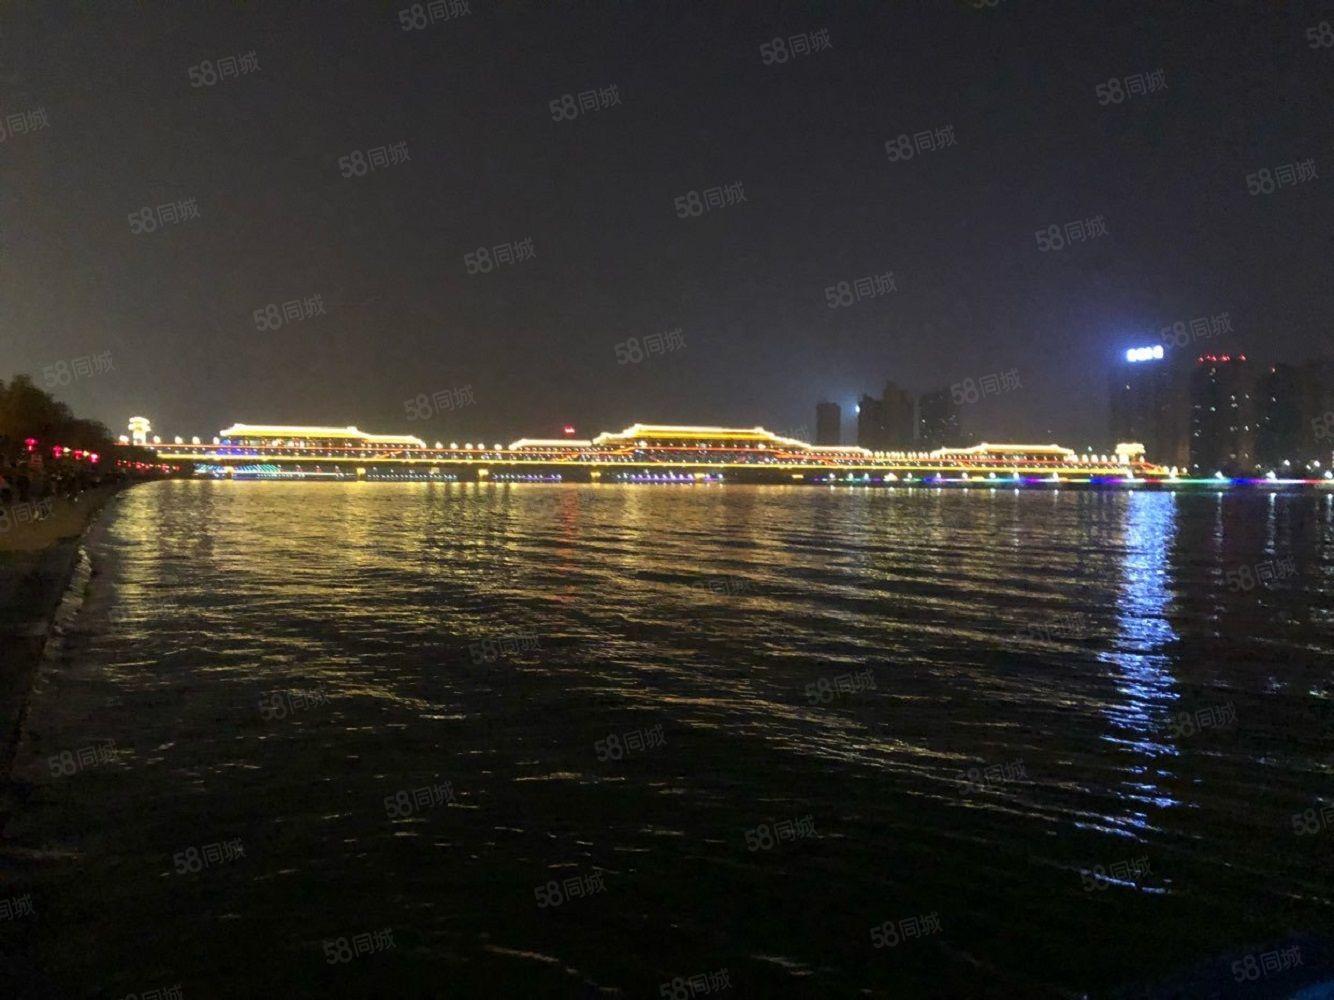 咸阳湖边渭阳中路华泰湖镜尚都精装两室急售可按揭可按揭